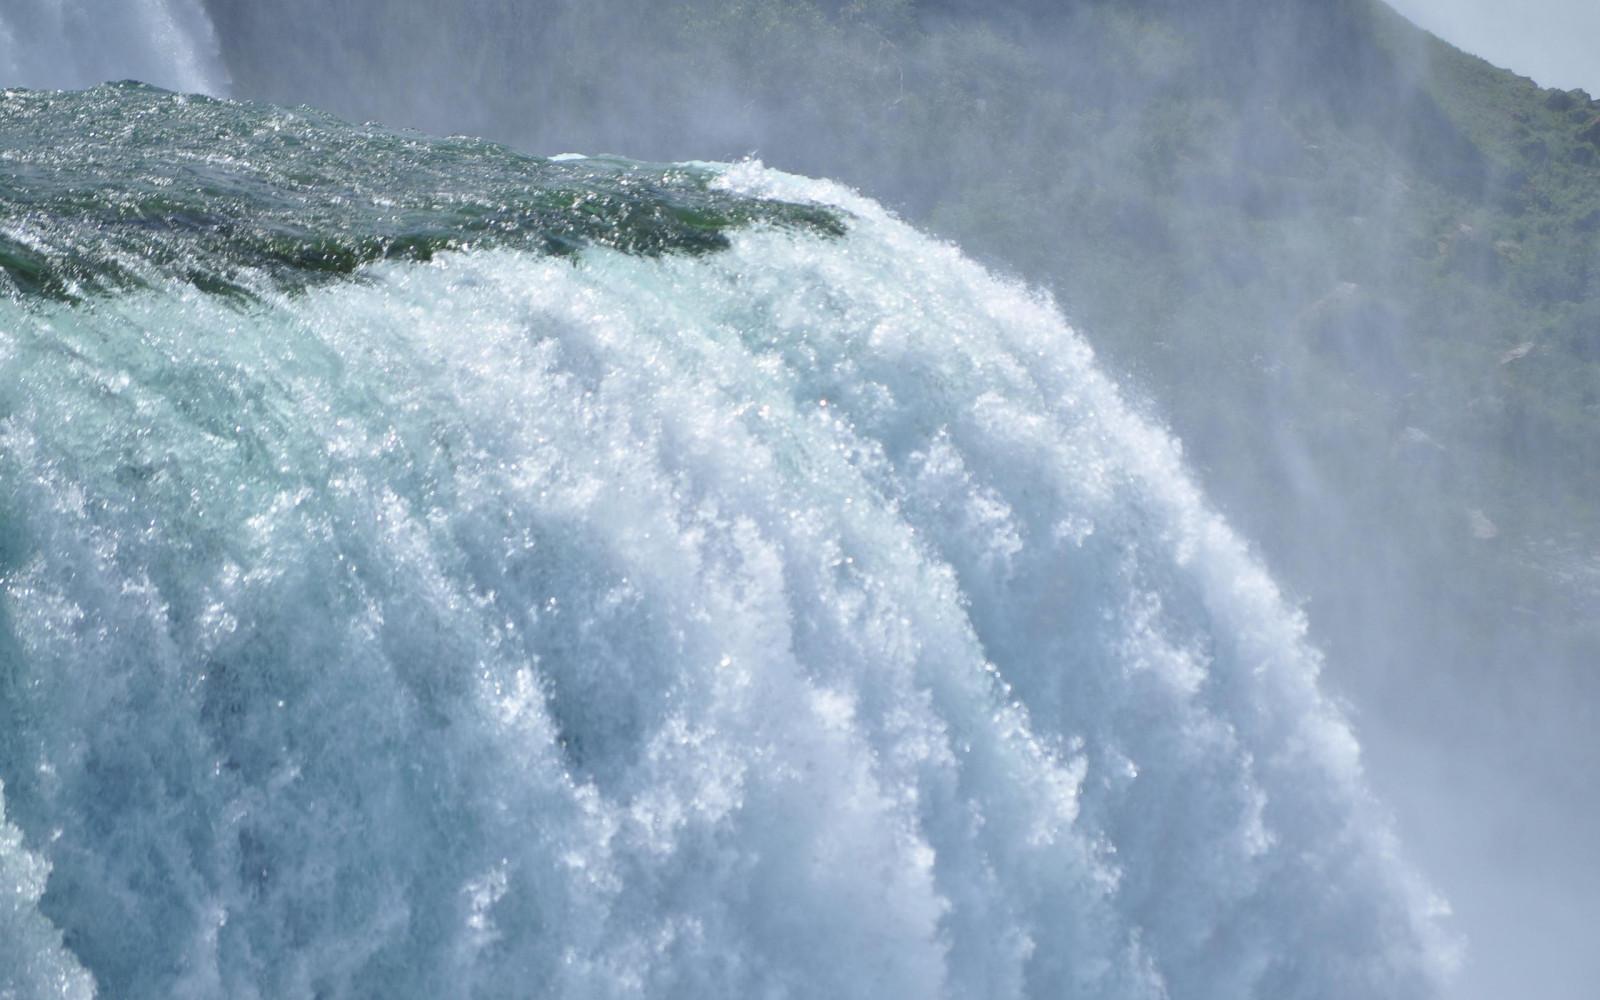 водопад анимация на рабочий стол обои № 532372 без смс